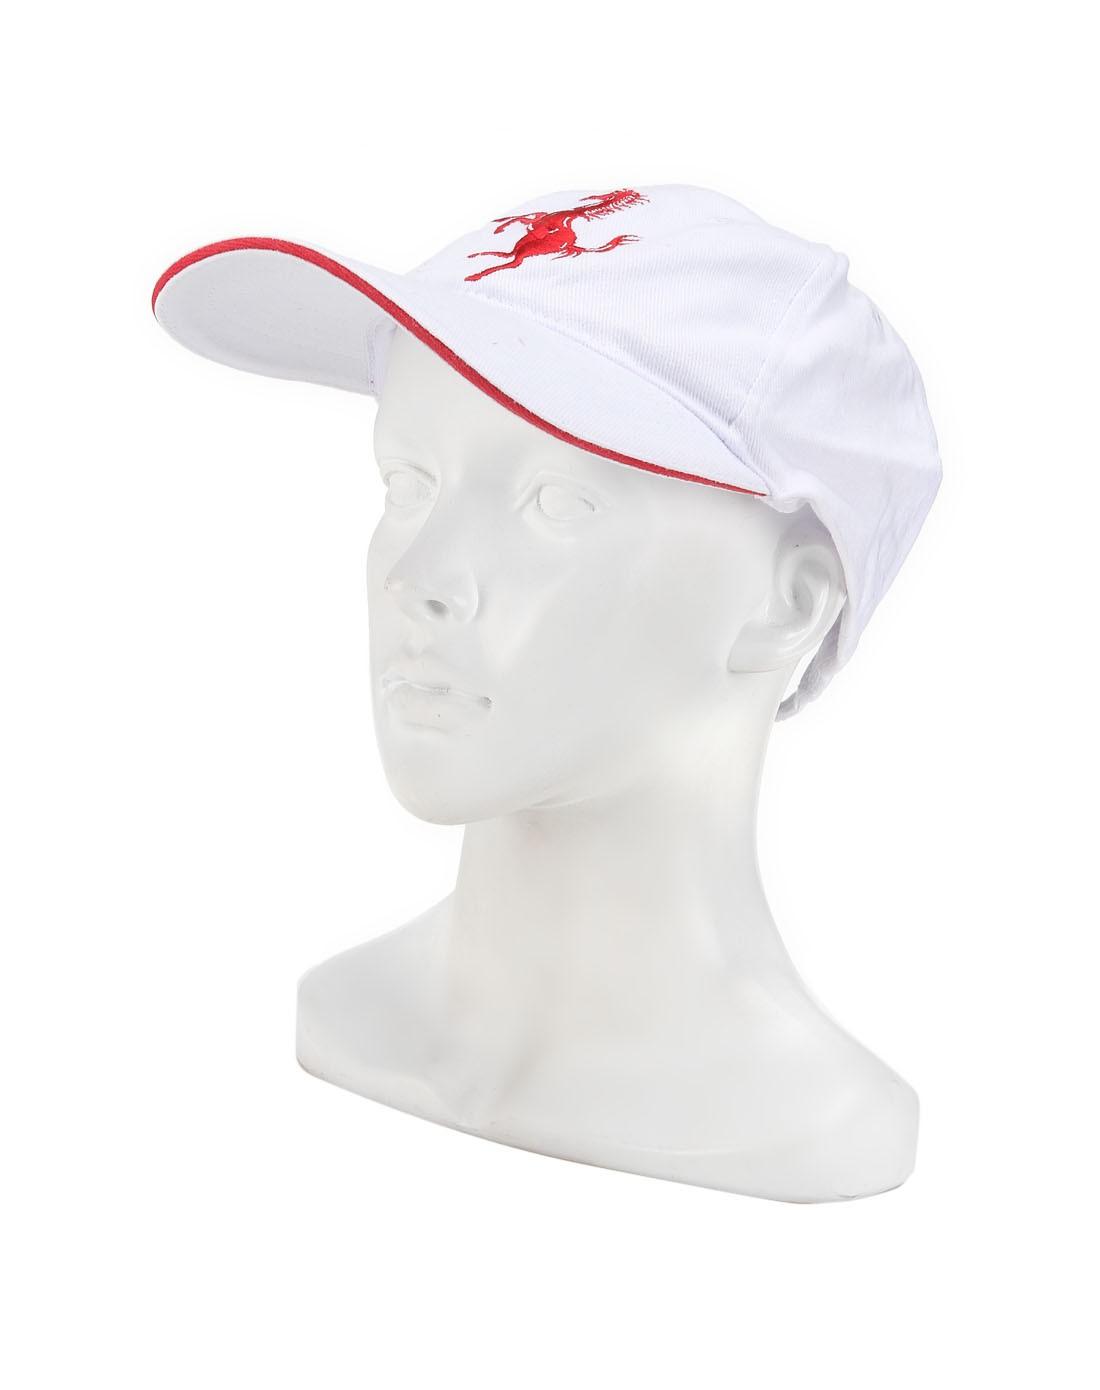 男款白/暗红色简约刺绣logo帽子